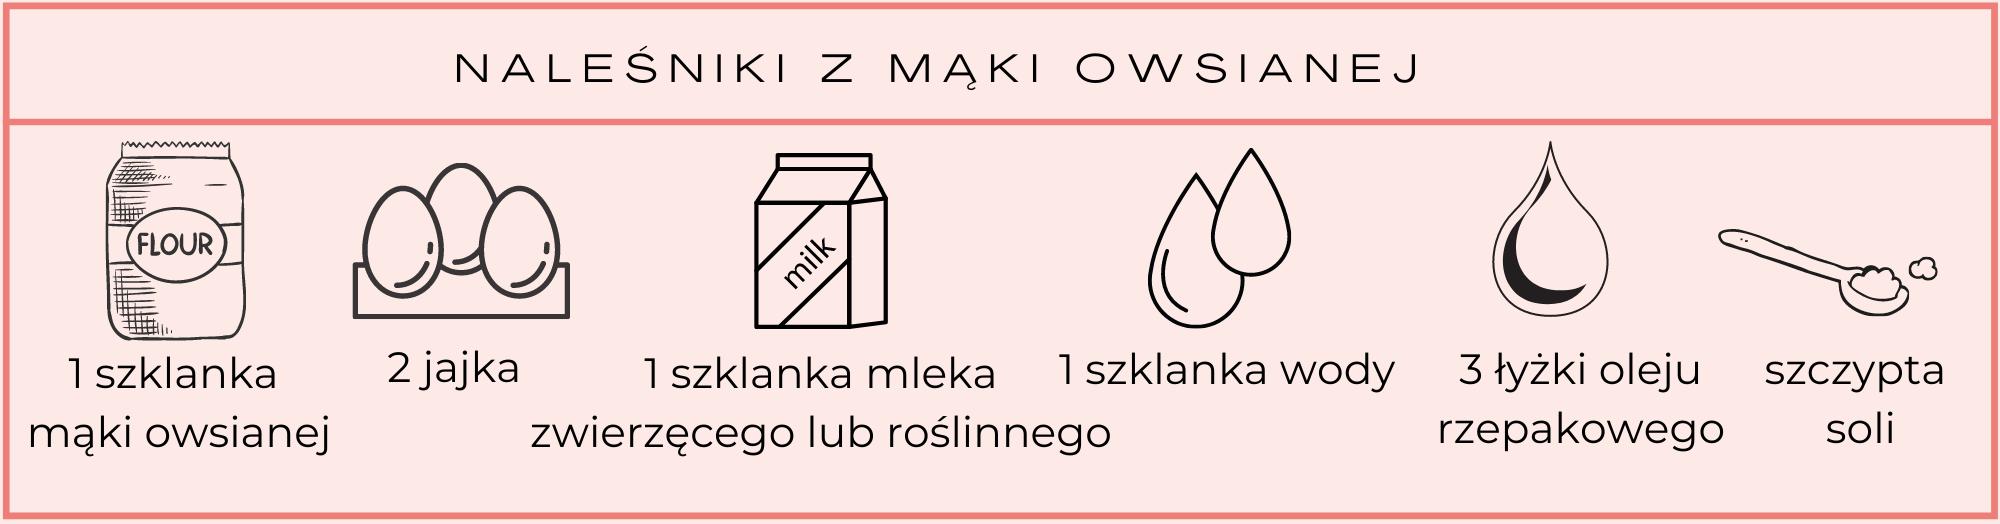 naleśniki z mąki owsianej